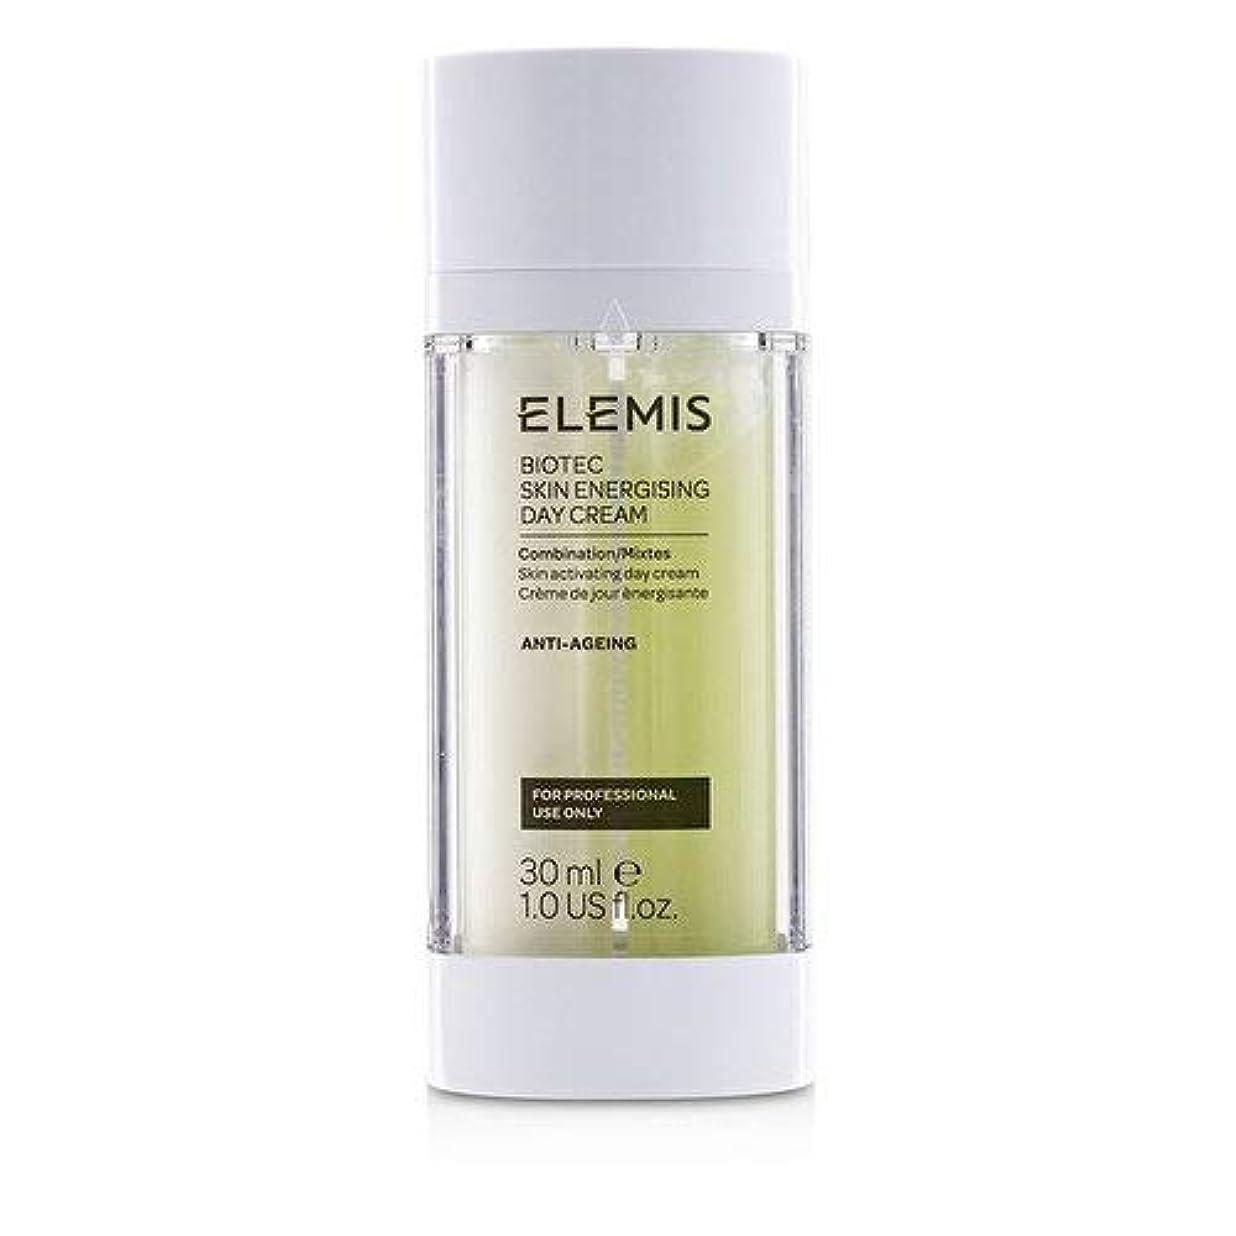 満州時刻表一掃するエレミス BIOTEC Skin Energising Day Cream - Combination (Salon Product) 30ml/1oz並行輸入品